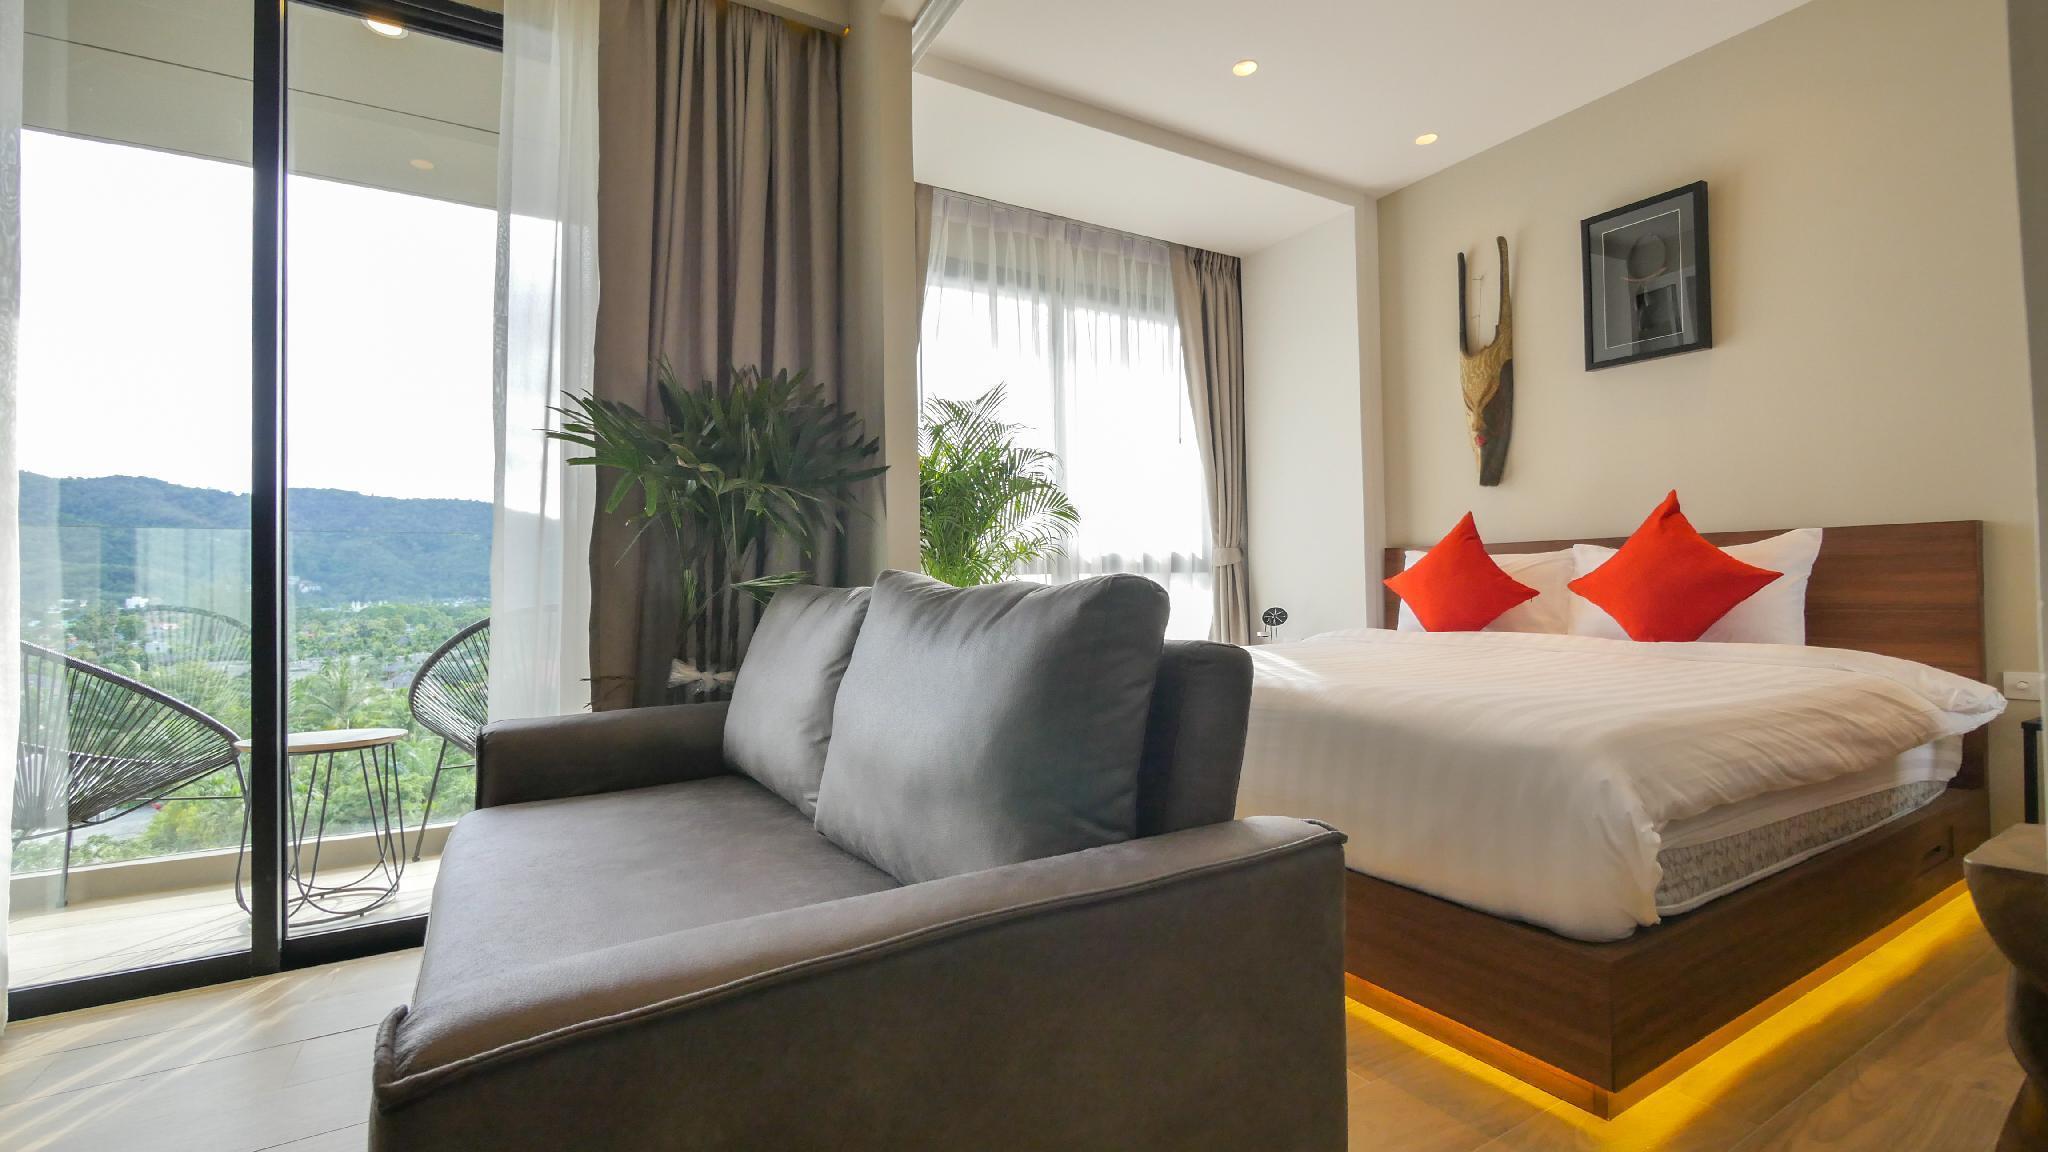 Cozy 1 Bedroom Apartment อพาร์ตเมนต์ 1 ห้องนอน 1 ห้องน้ำส่วนตัว ขนาด 33 ตร.ม. – บางเทา